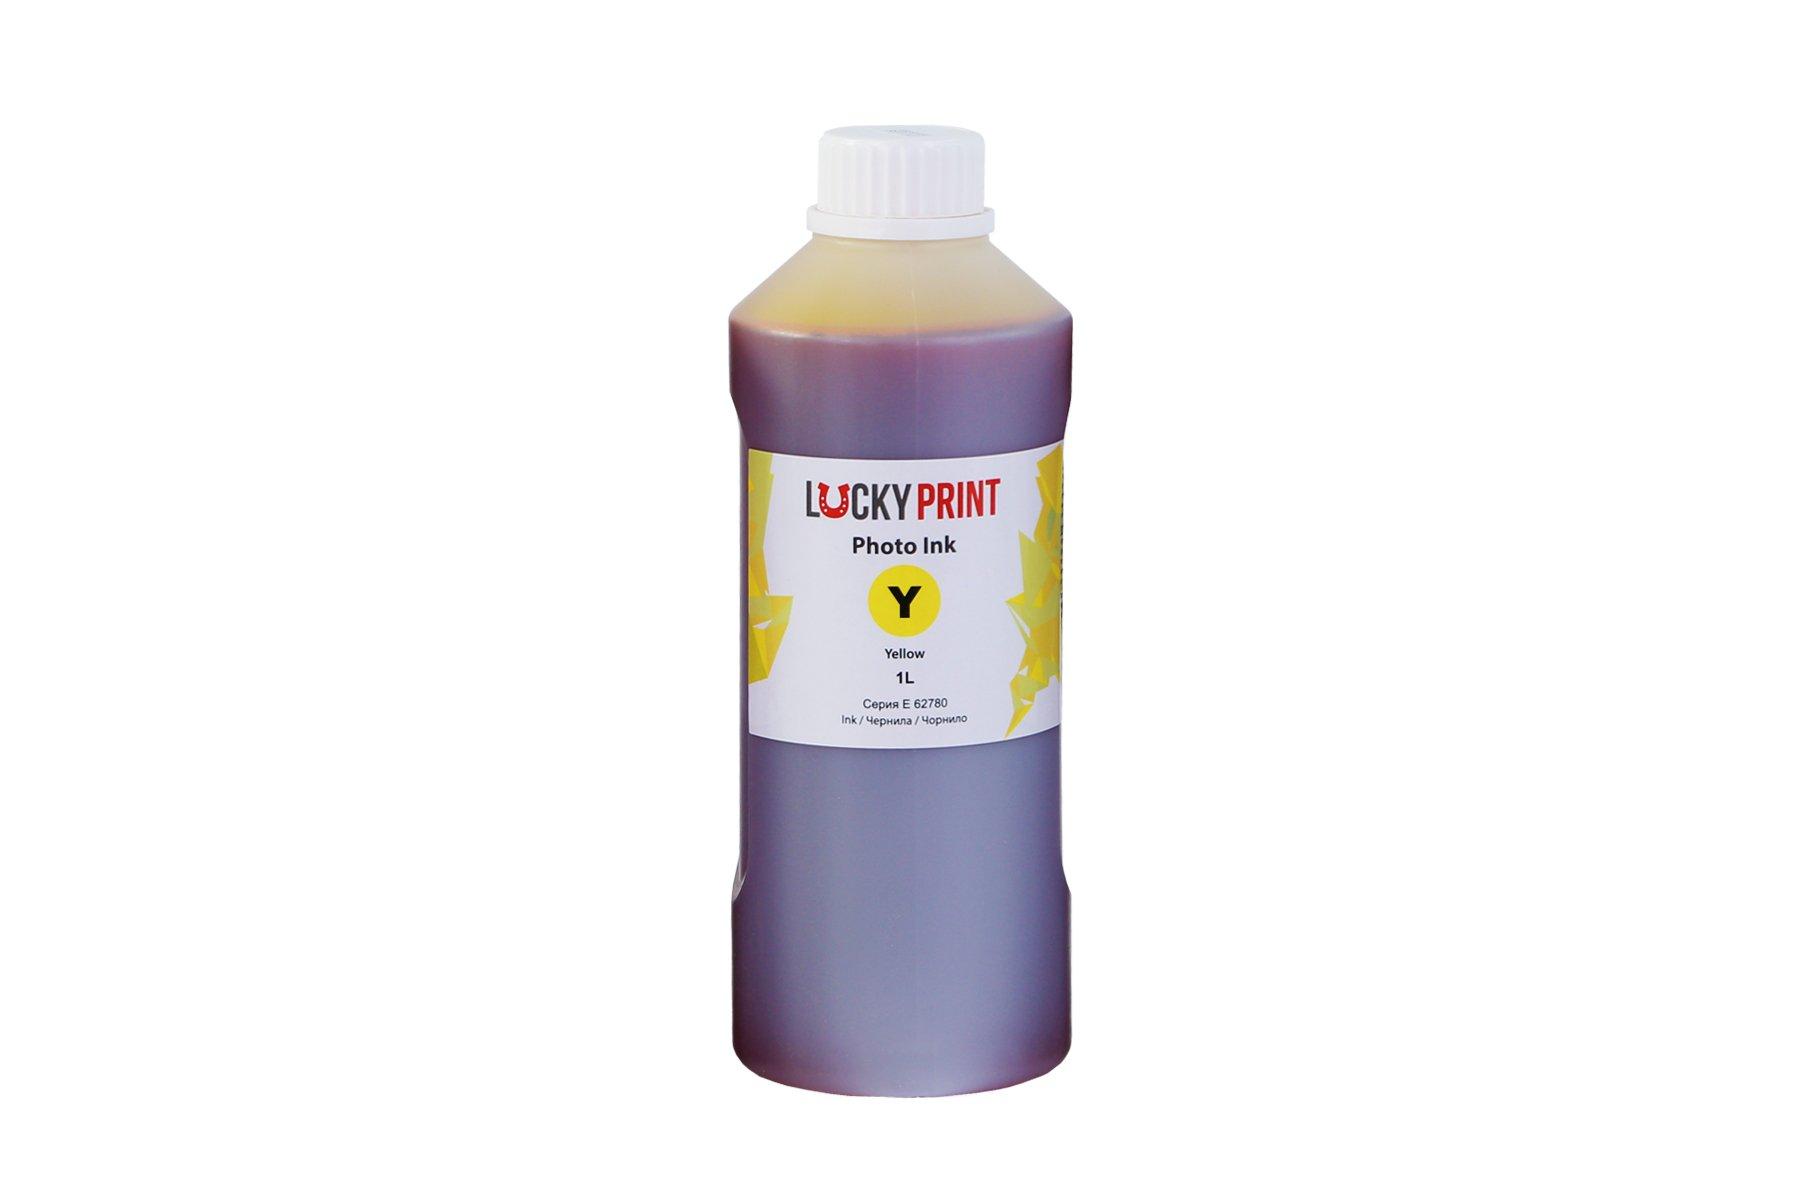 Купить Фоточернила (водорастворимые) Lucky Print для Epson L850 Yellow (1L)